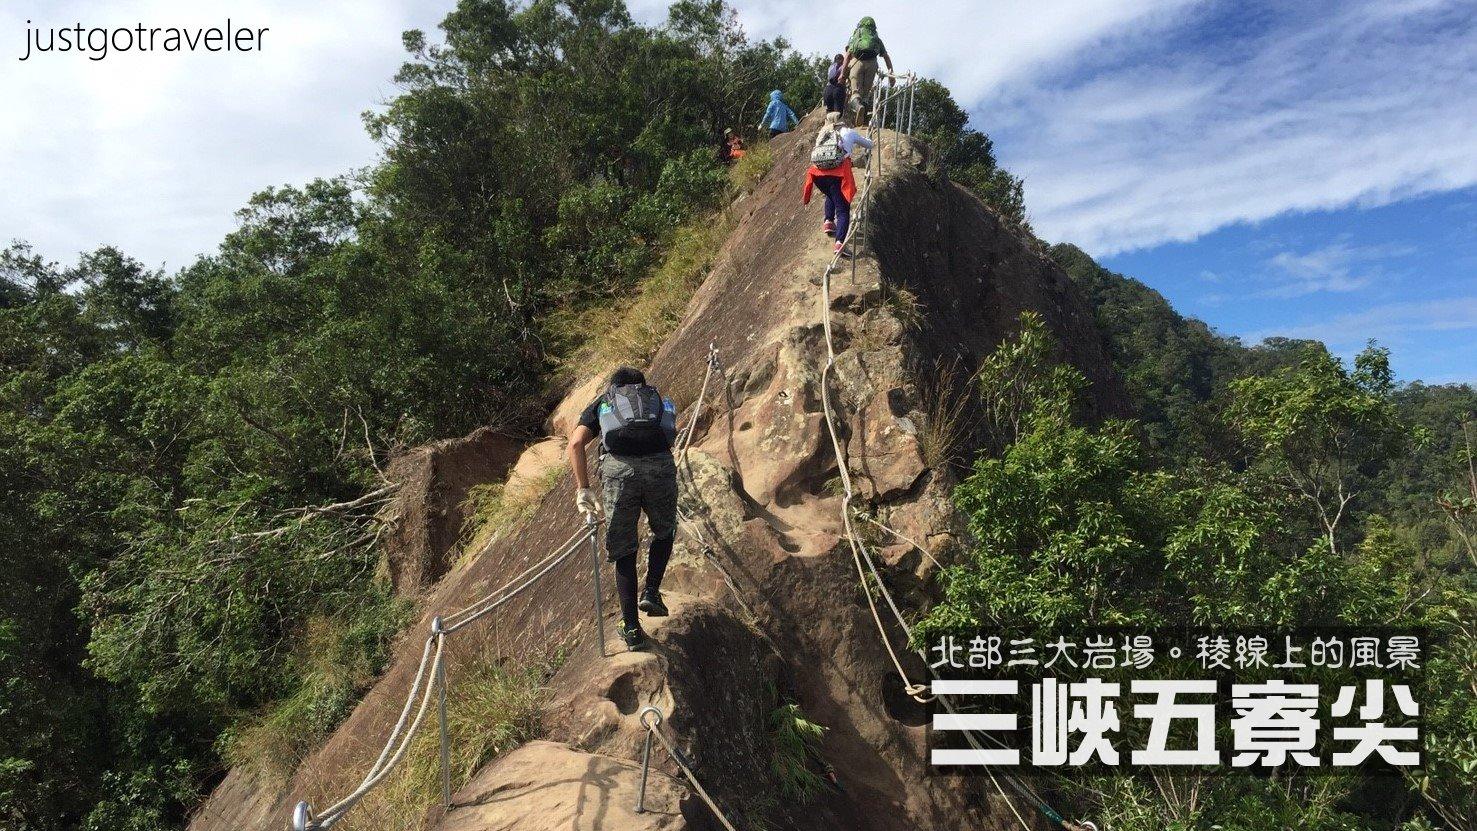 三峽五寮尖•稜線上的風景•北部三大岩場之一 http://wp.me/p73WNJ-4Oa